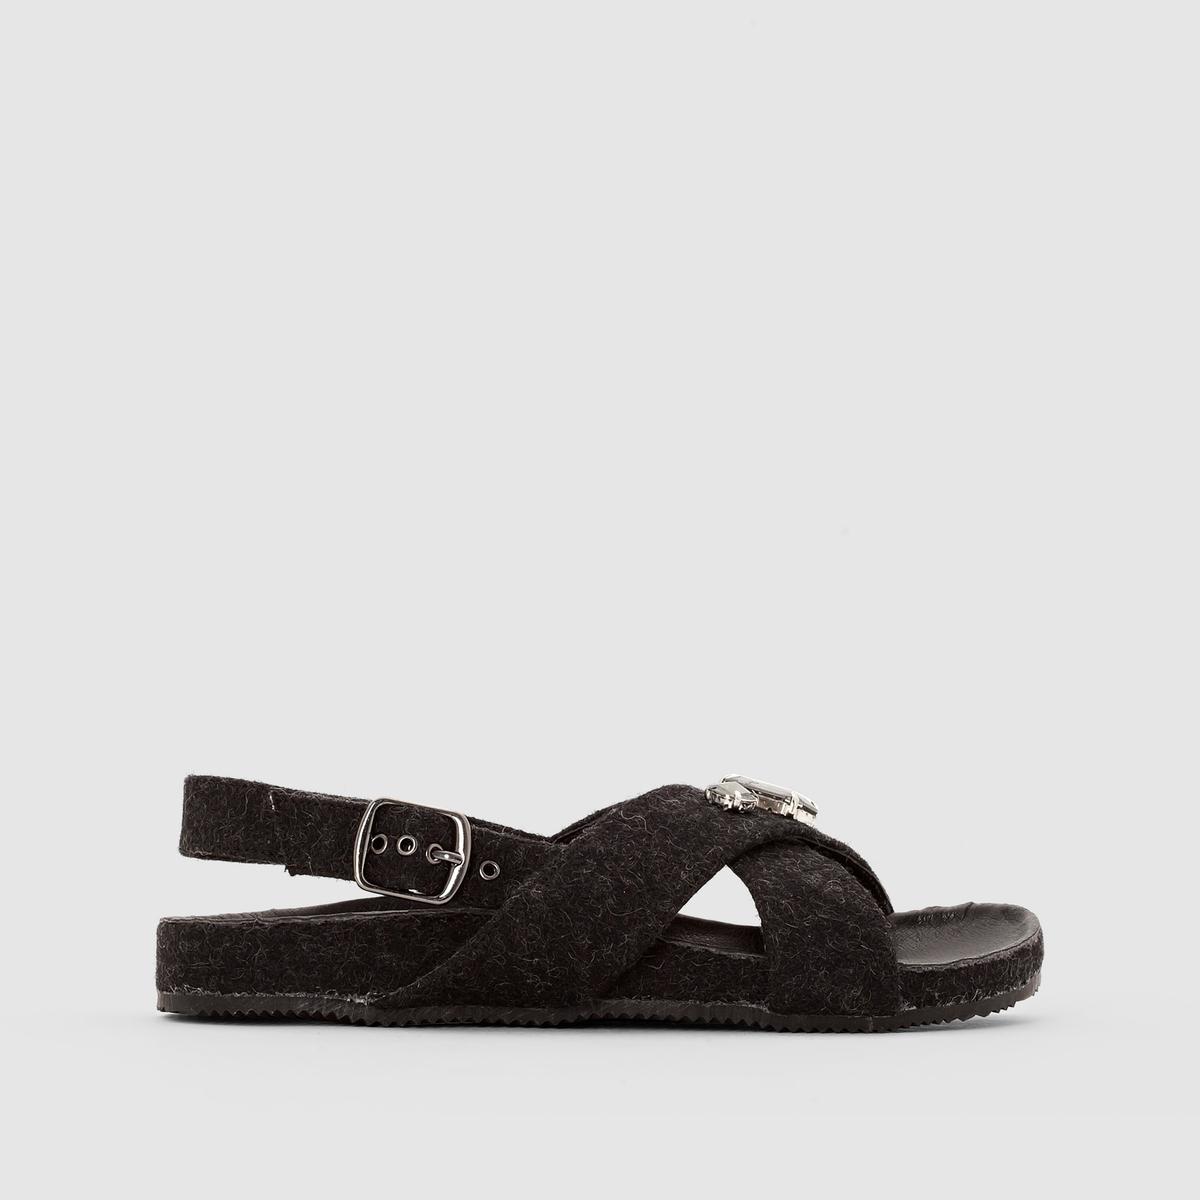 Сандалии из искусственного войлока с украшениемПреимущества : очень оригинальные сандалии с верхом из искусственного войлока, декорированные украшением спереди.<br><br>Цвет: серый<br>Размер: 41.40